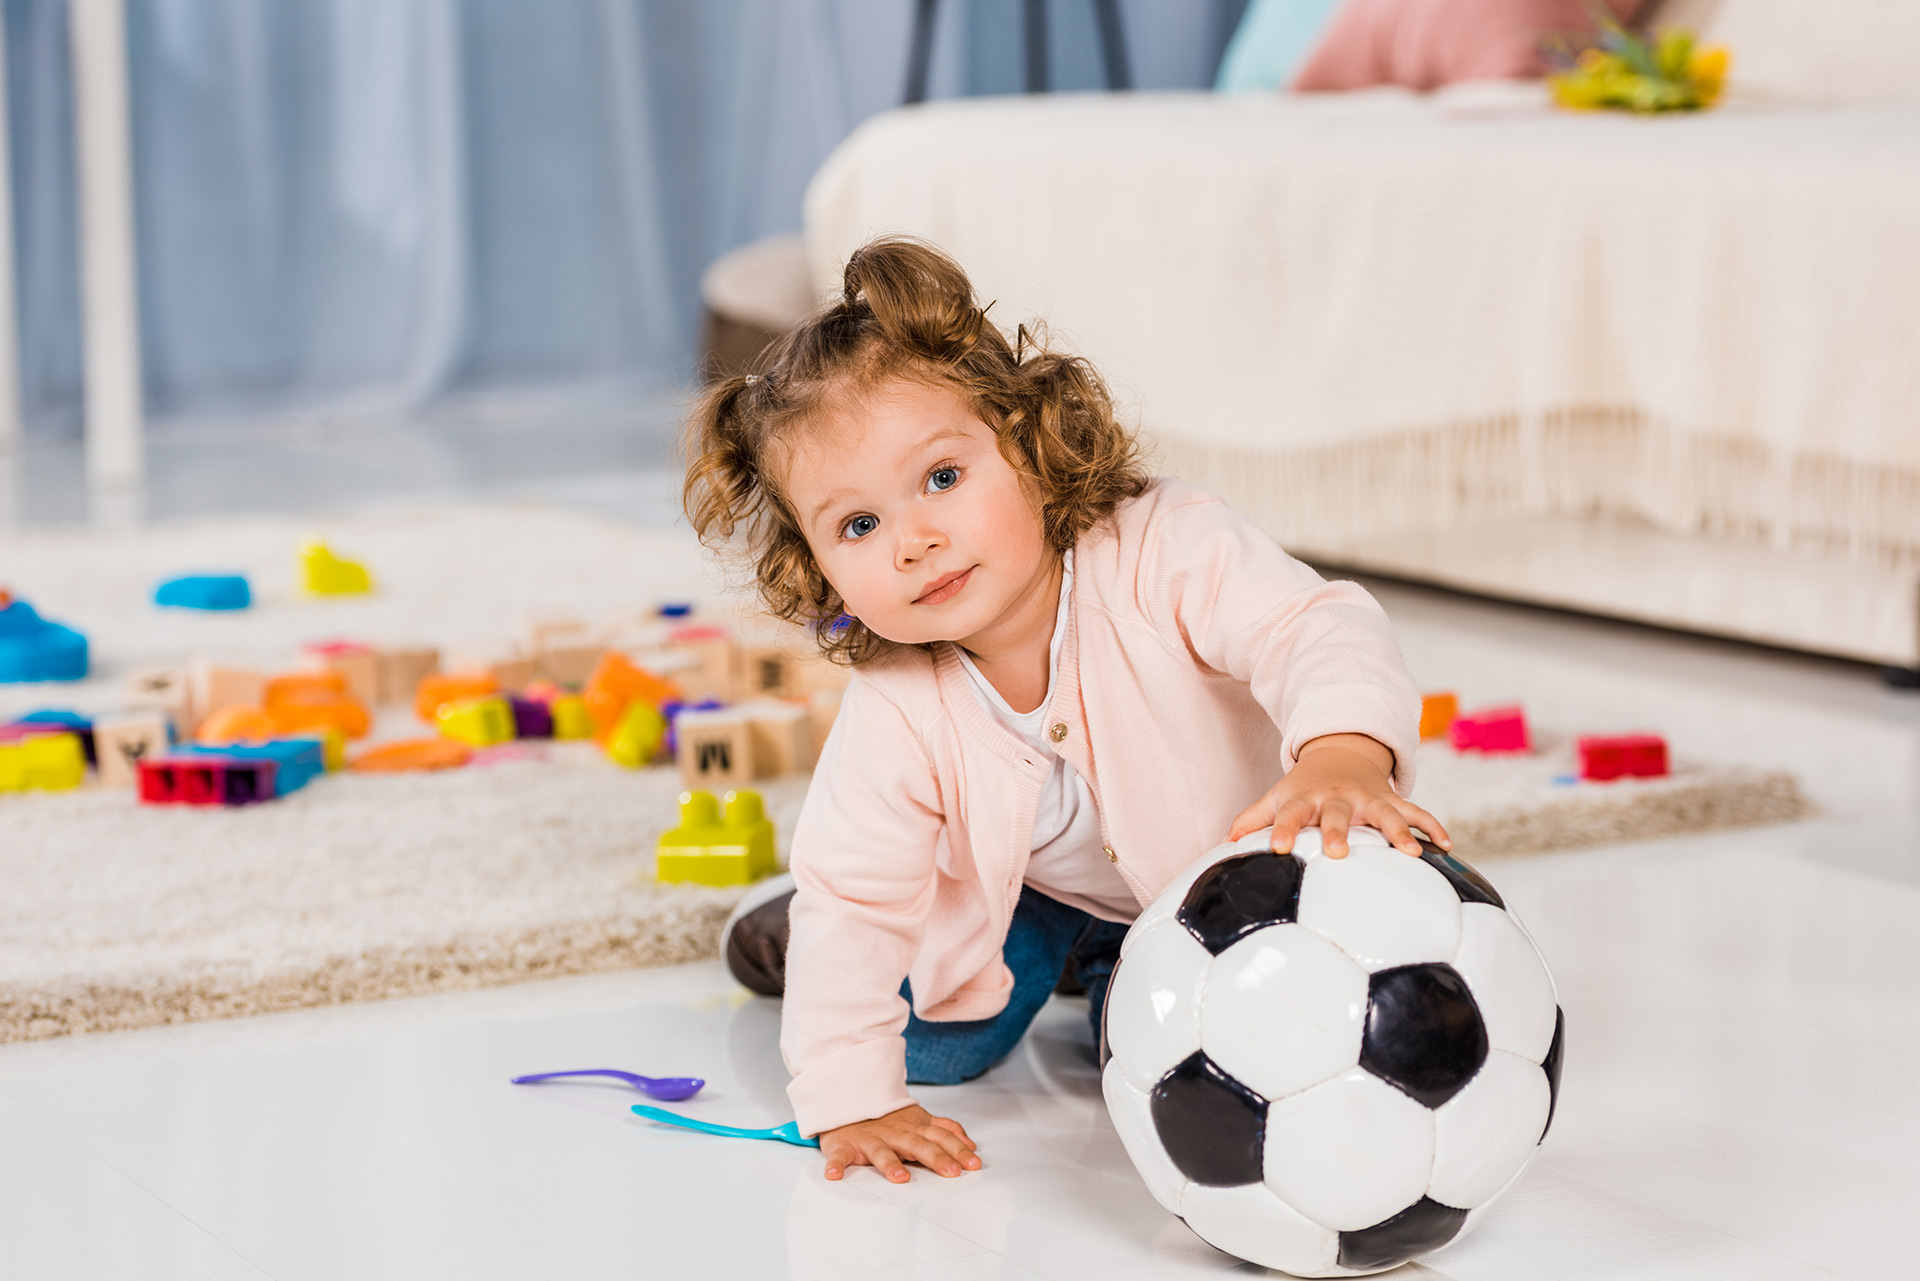 dziecko bawi się w pokoju